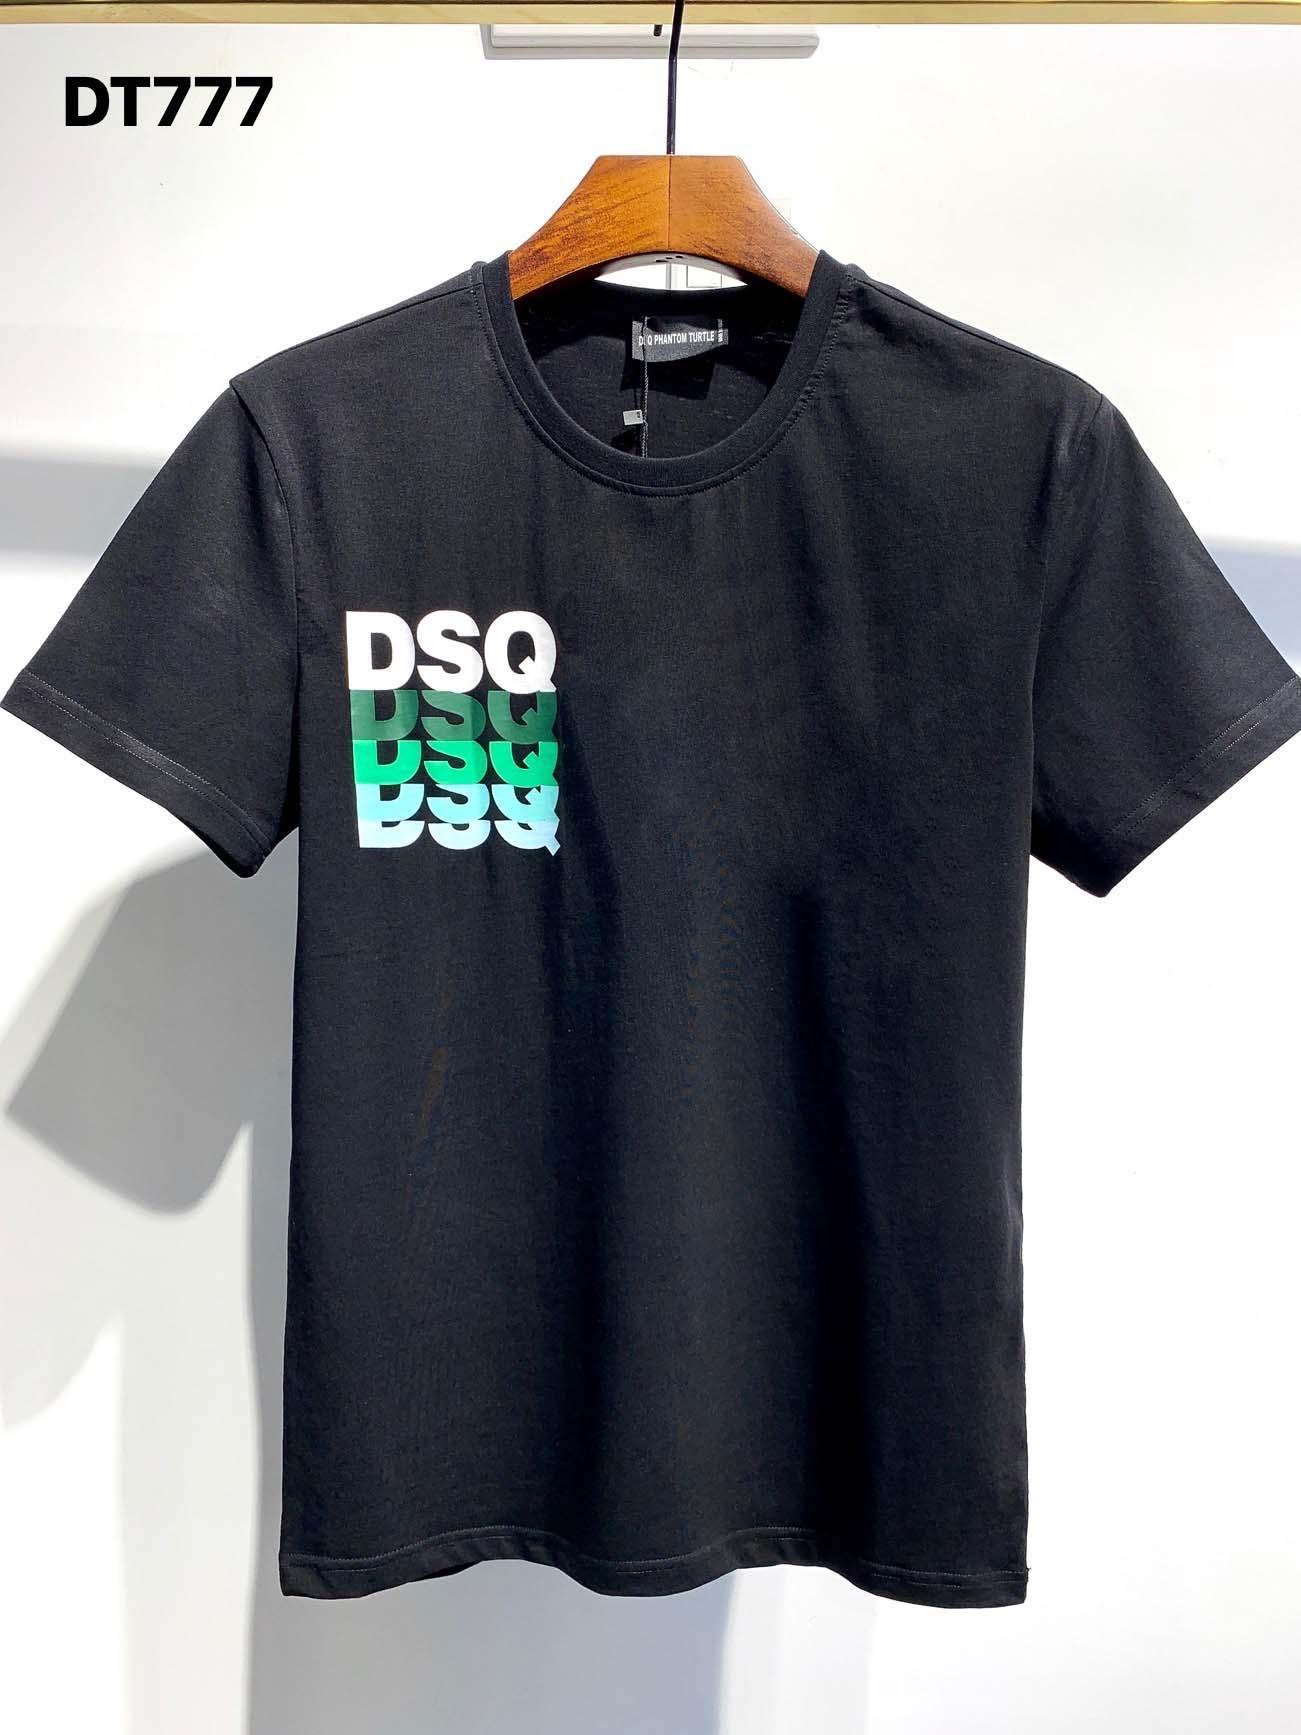 DSQ Phantom Tortue 2020ss New Mens Designer T-shirt Italie T-shirts Été Hommes DSQ T-shirt Homme Top Qualité 100% coton Top 3990